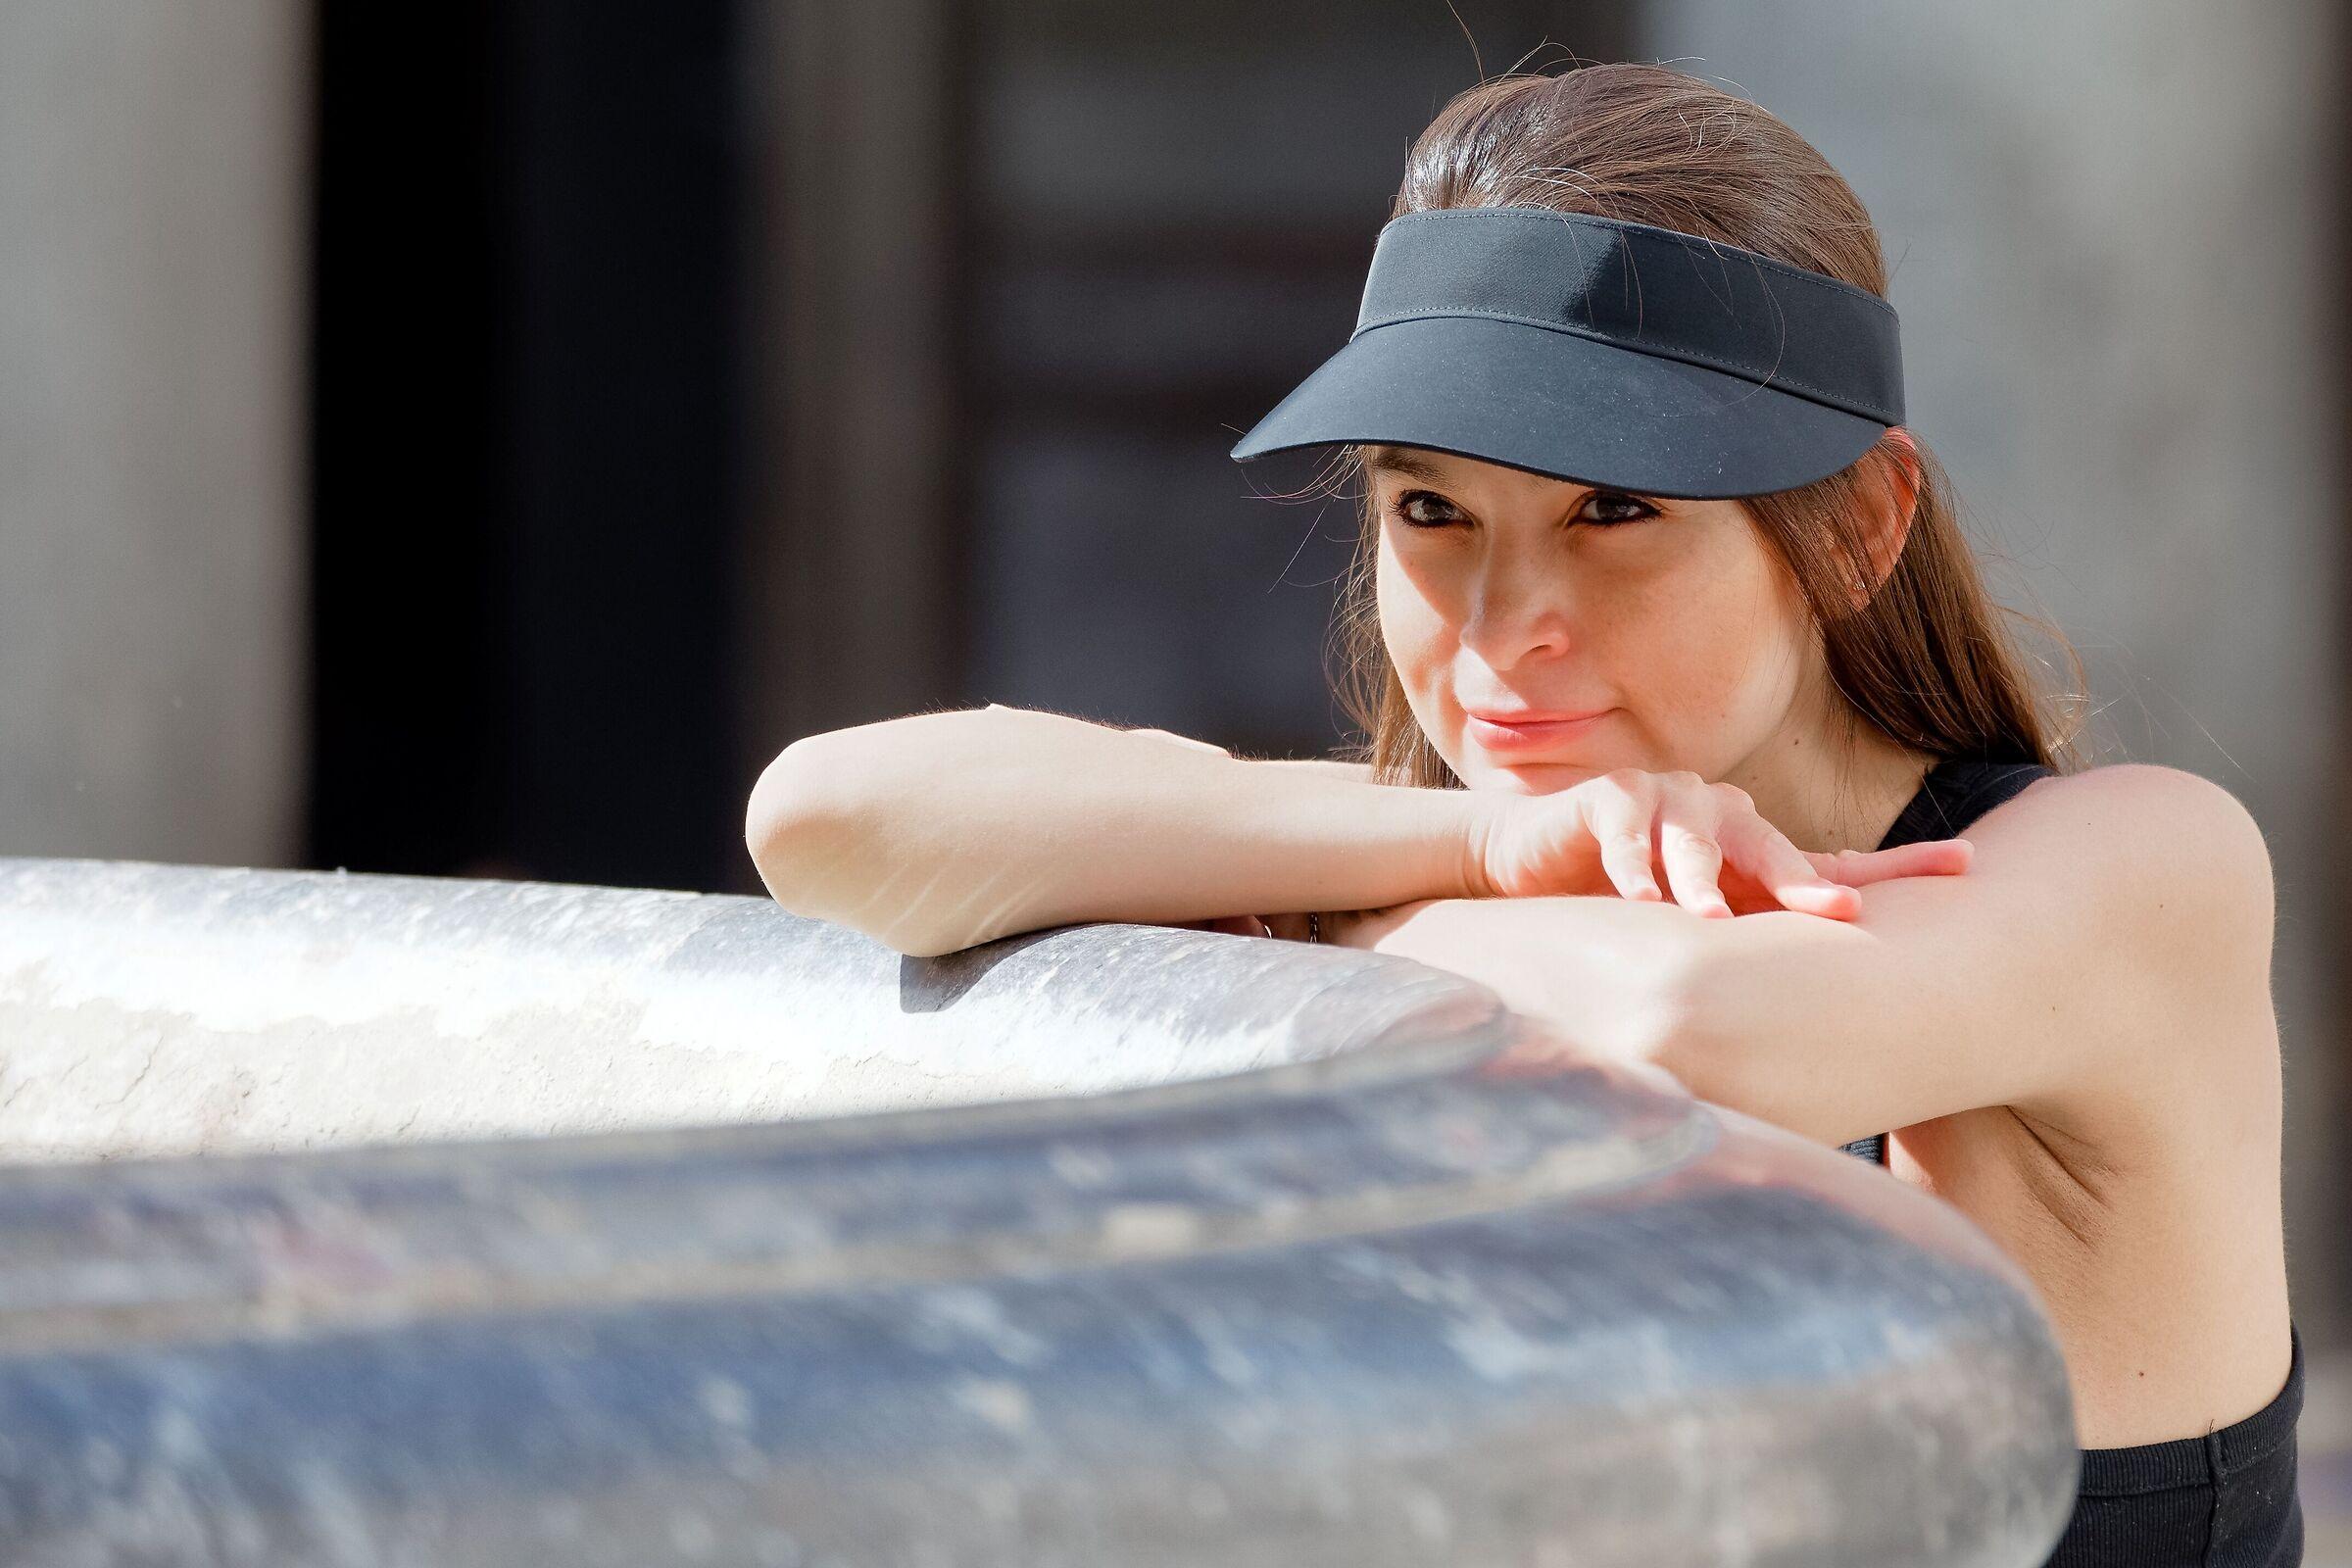 The visor...